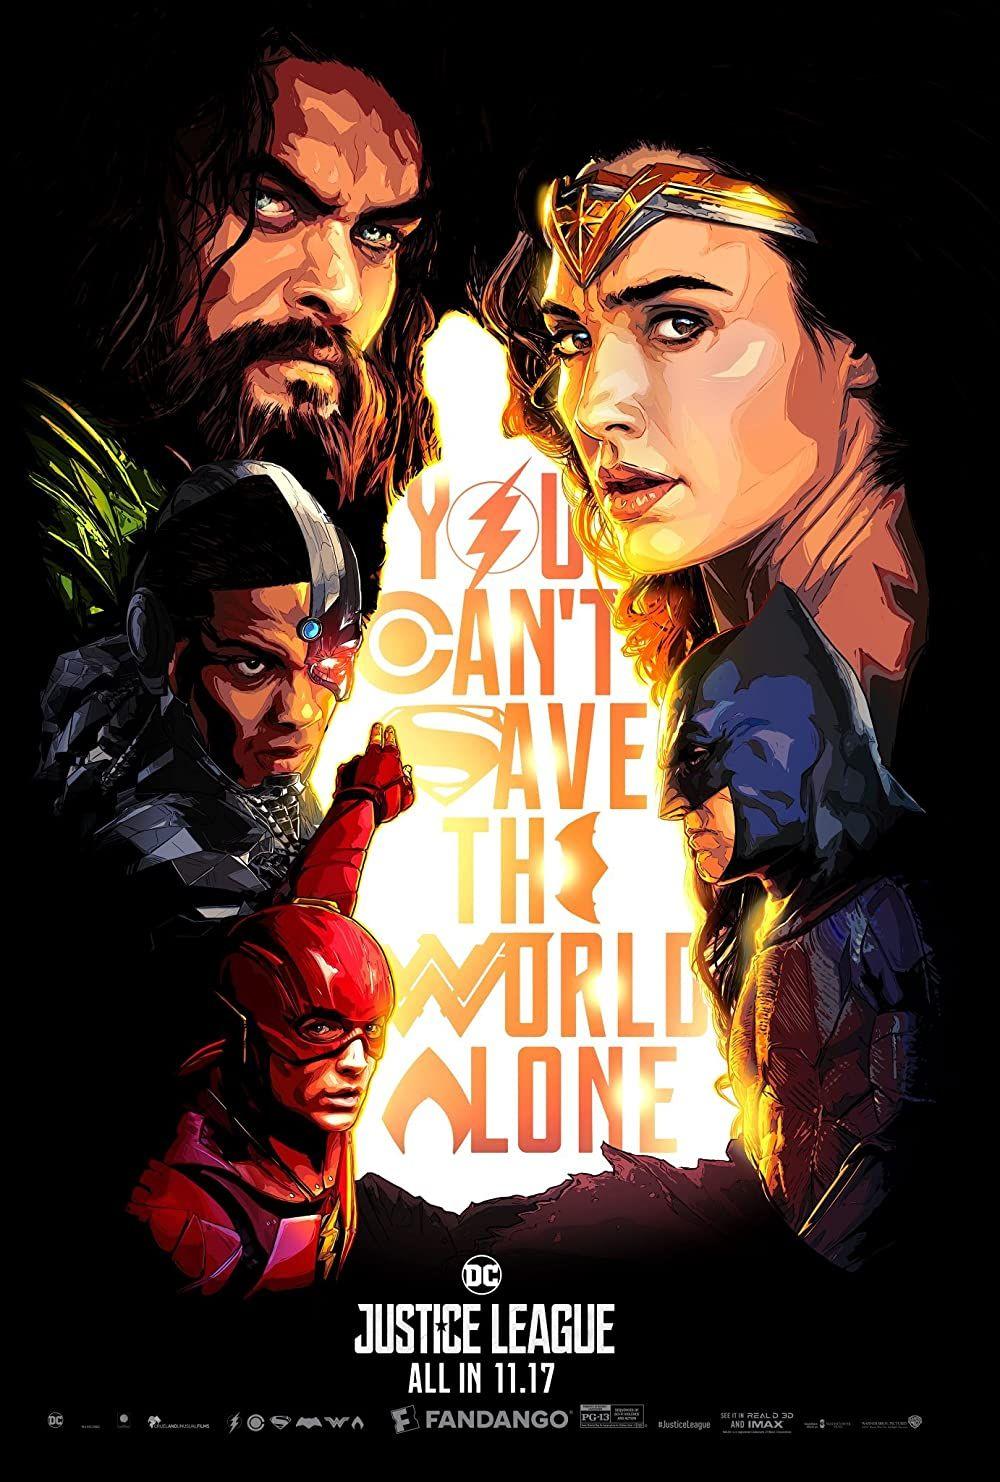 Justice League 2017 In 2021 Justice League 2017 New Justice League Justice League